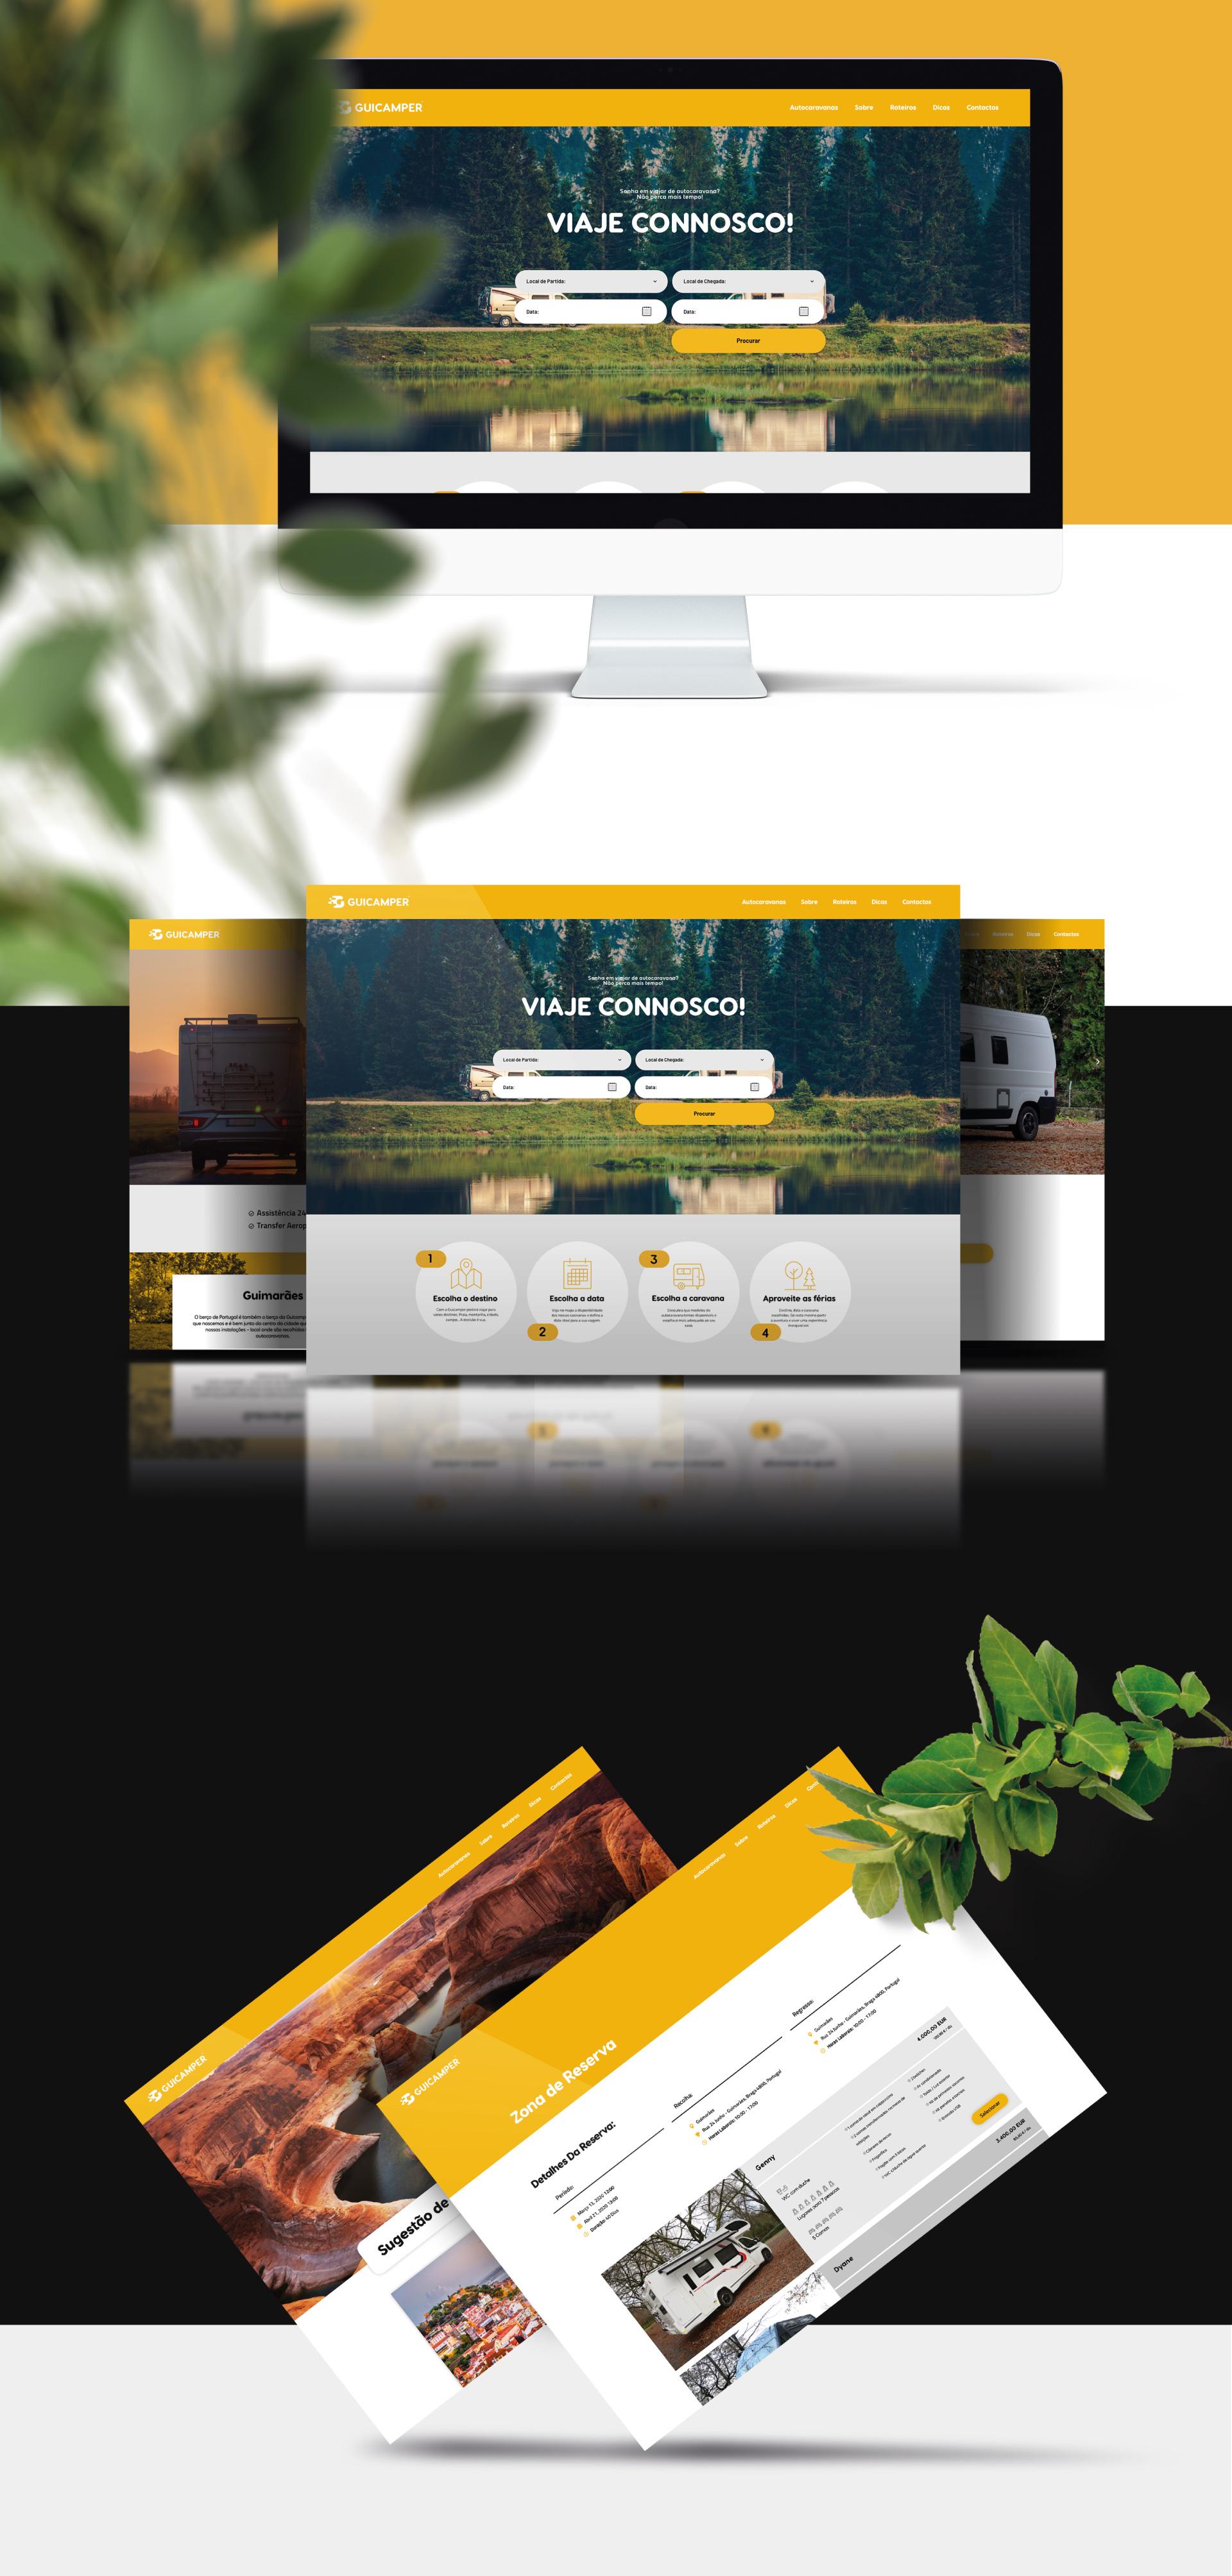 Guicamper website